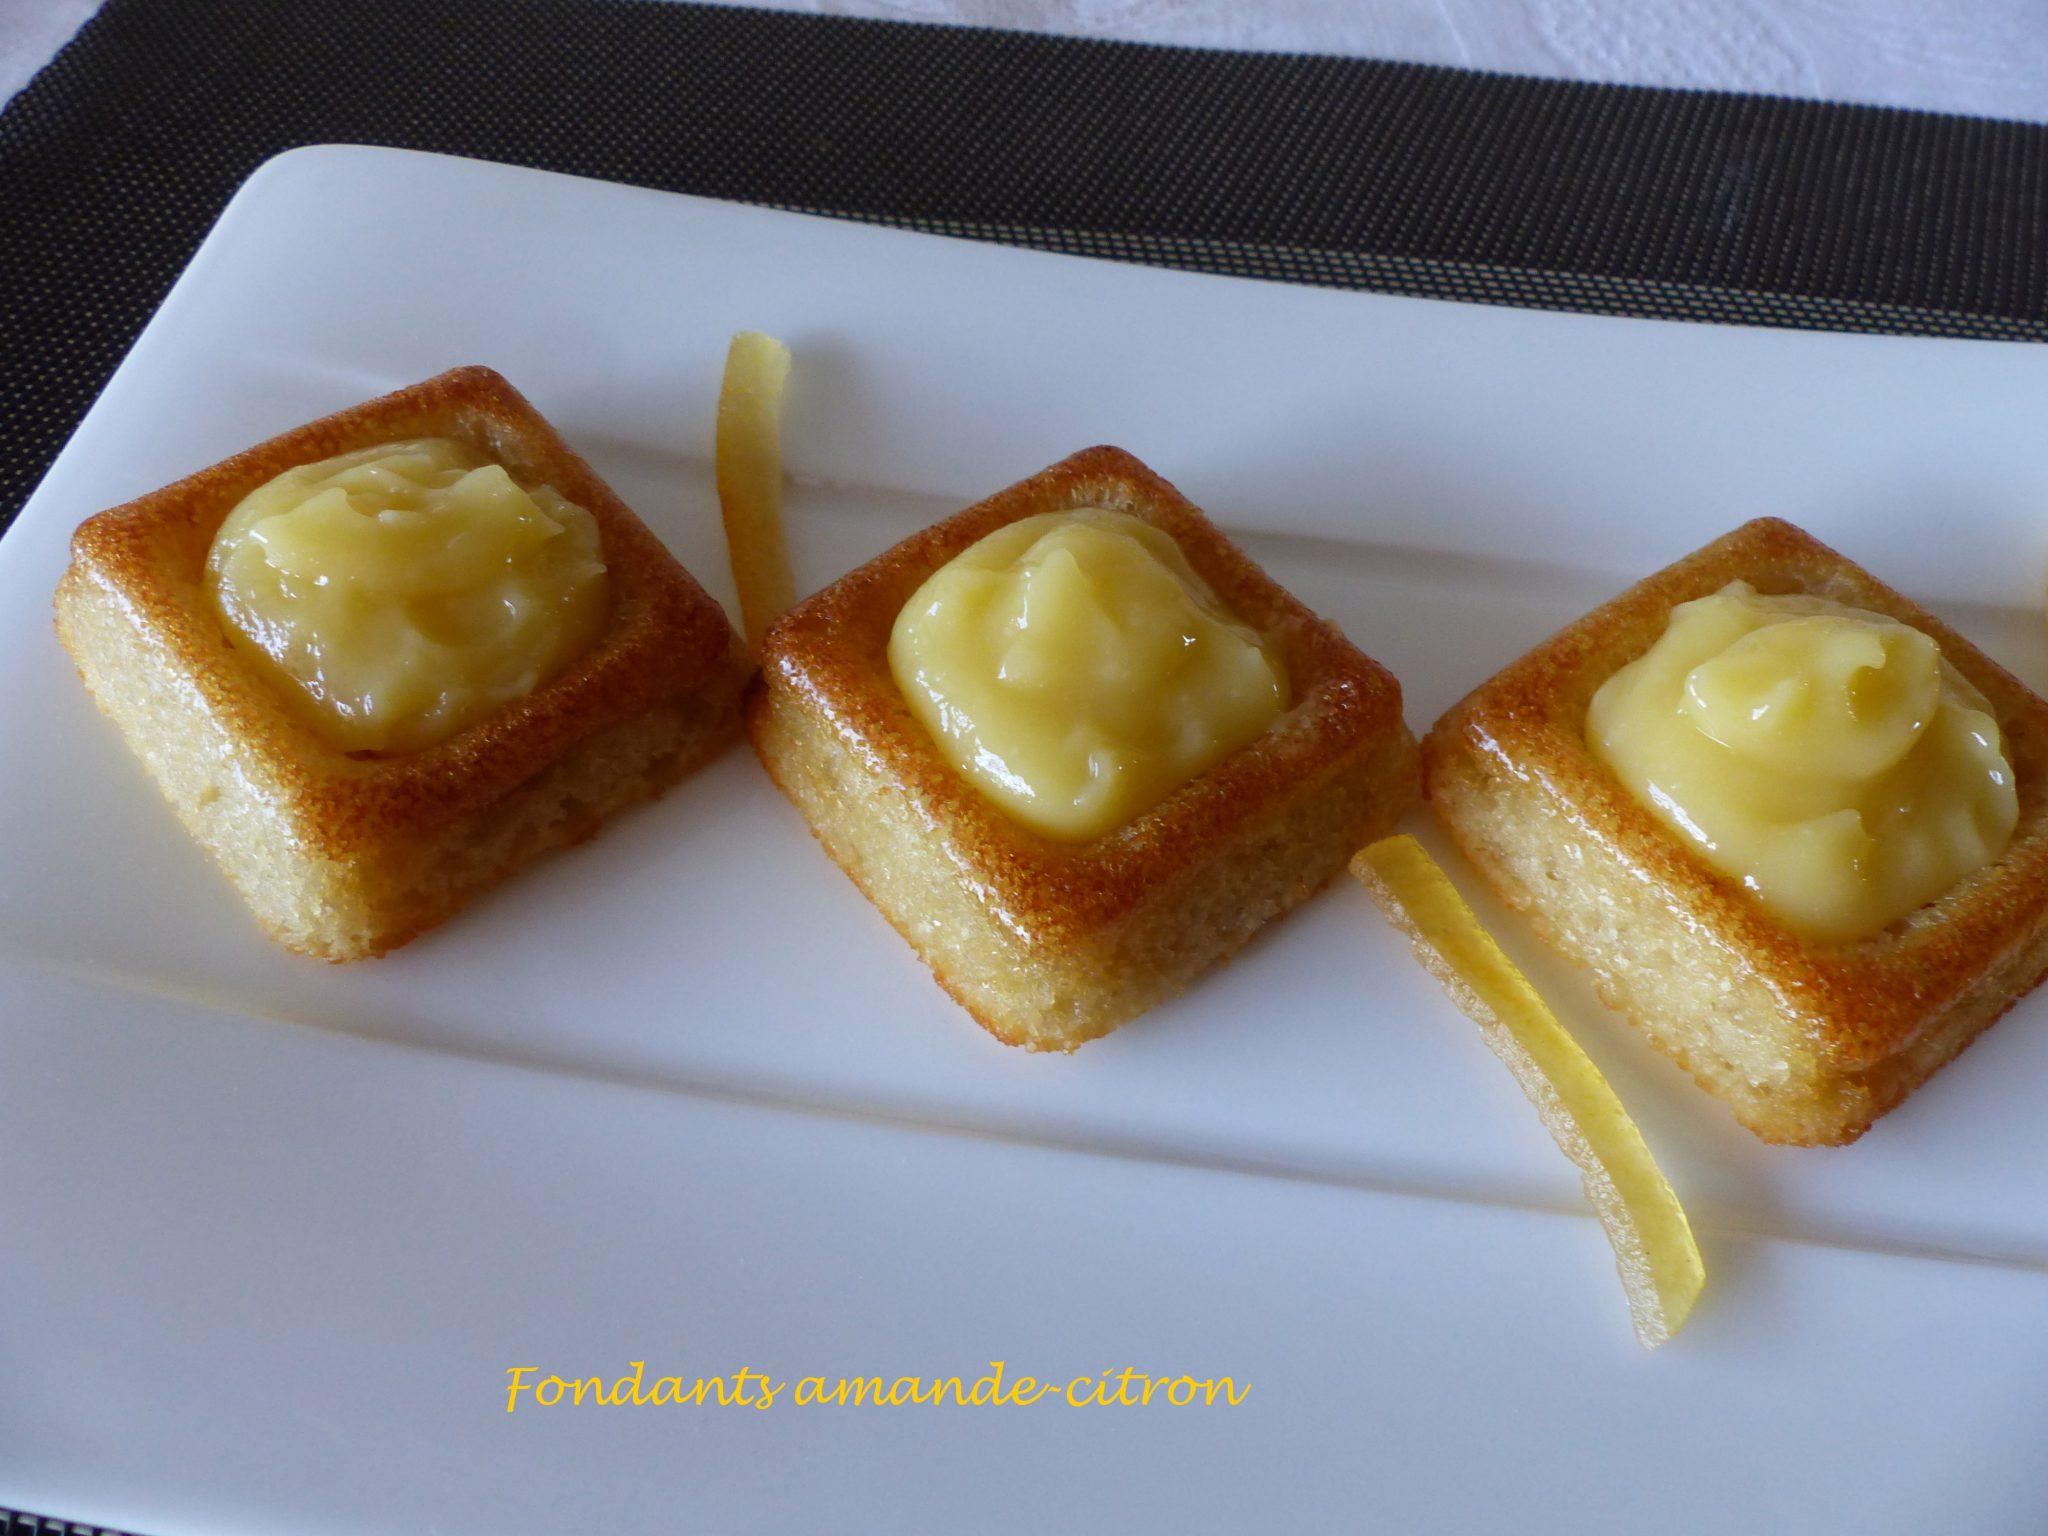 Fondants amande-citron P1080267 R